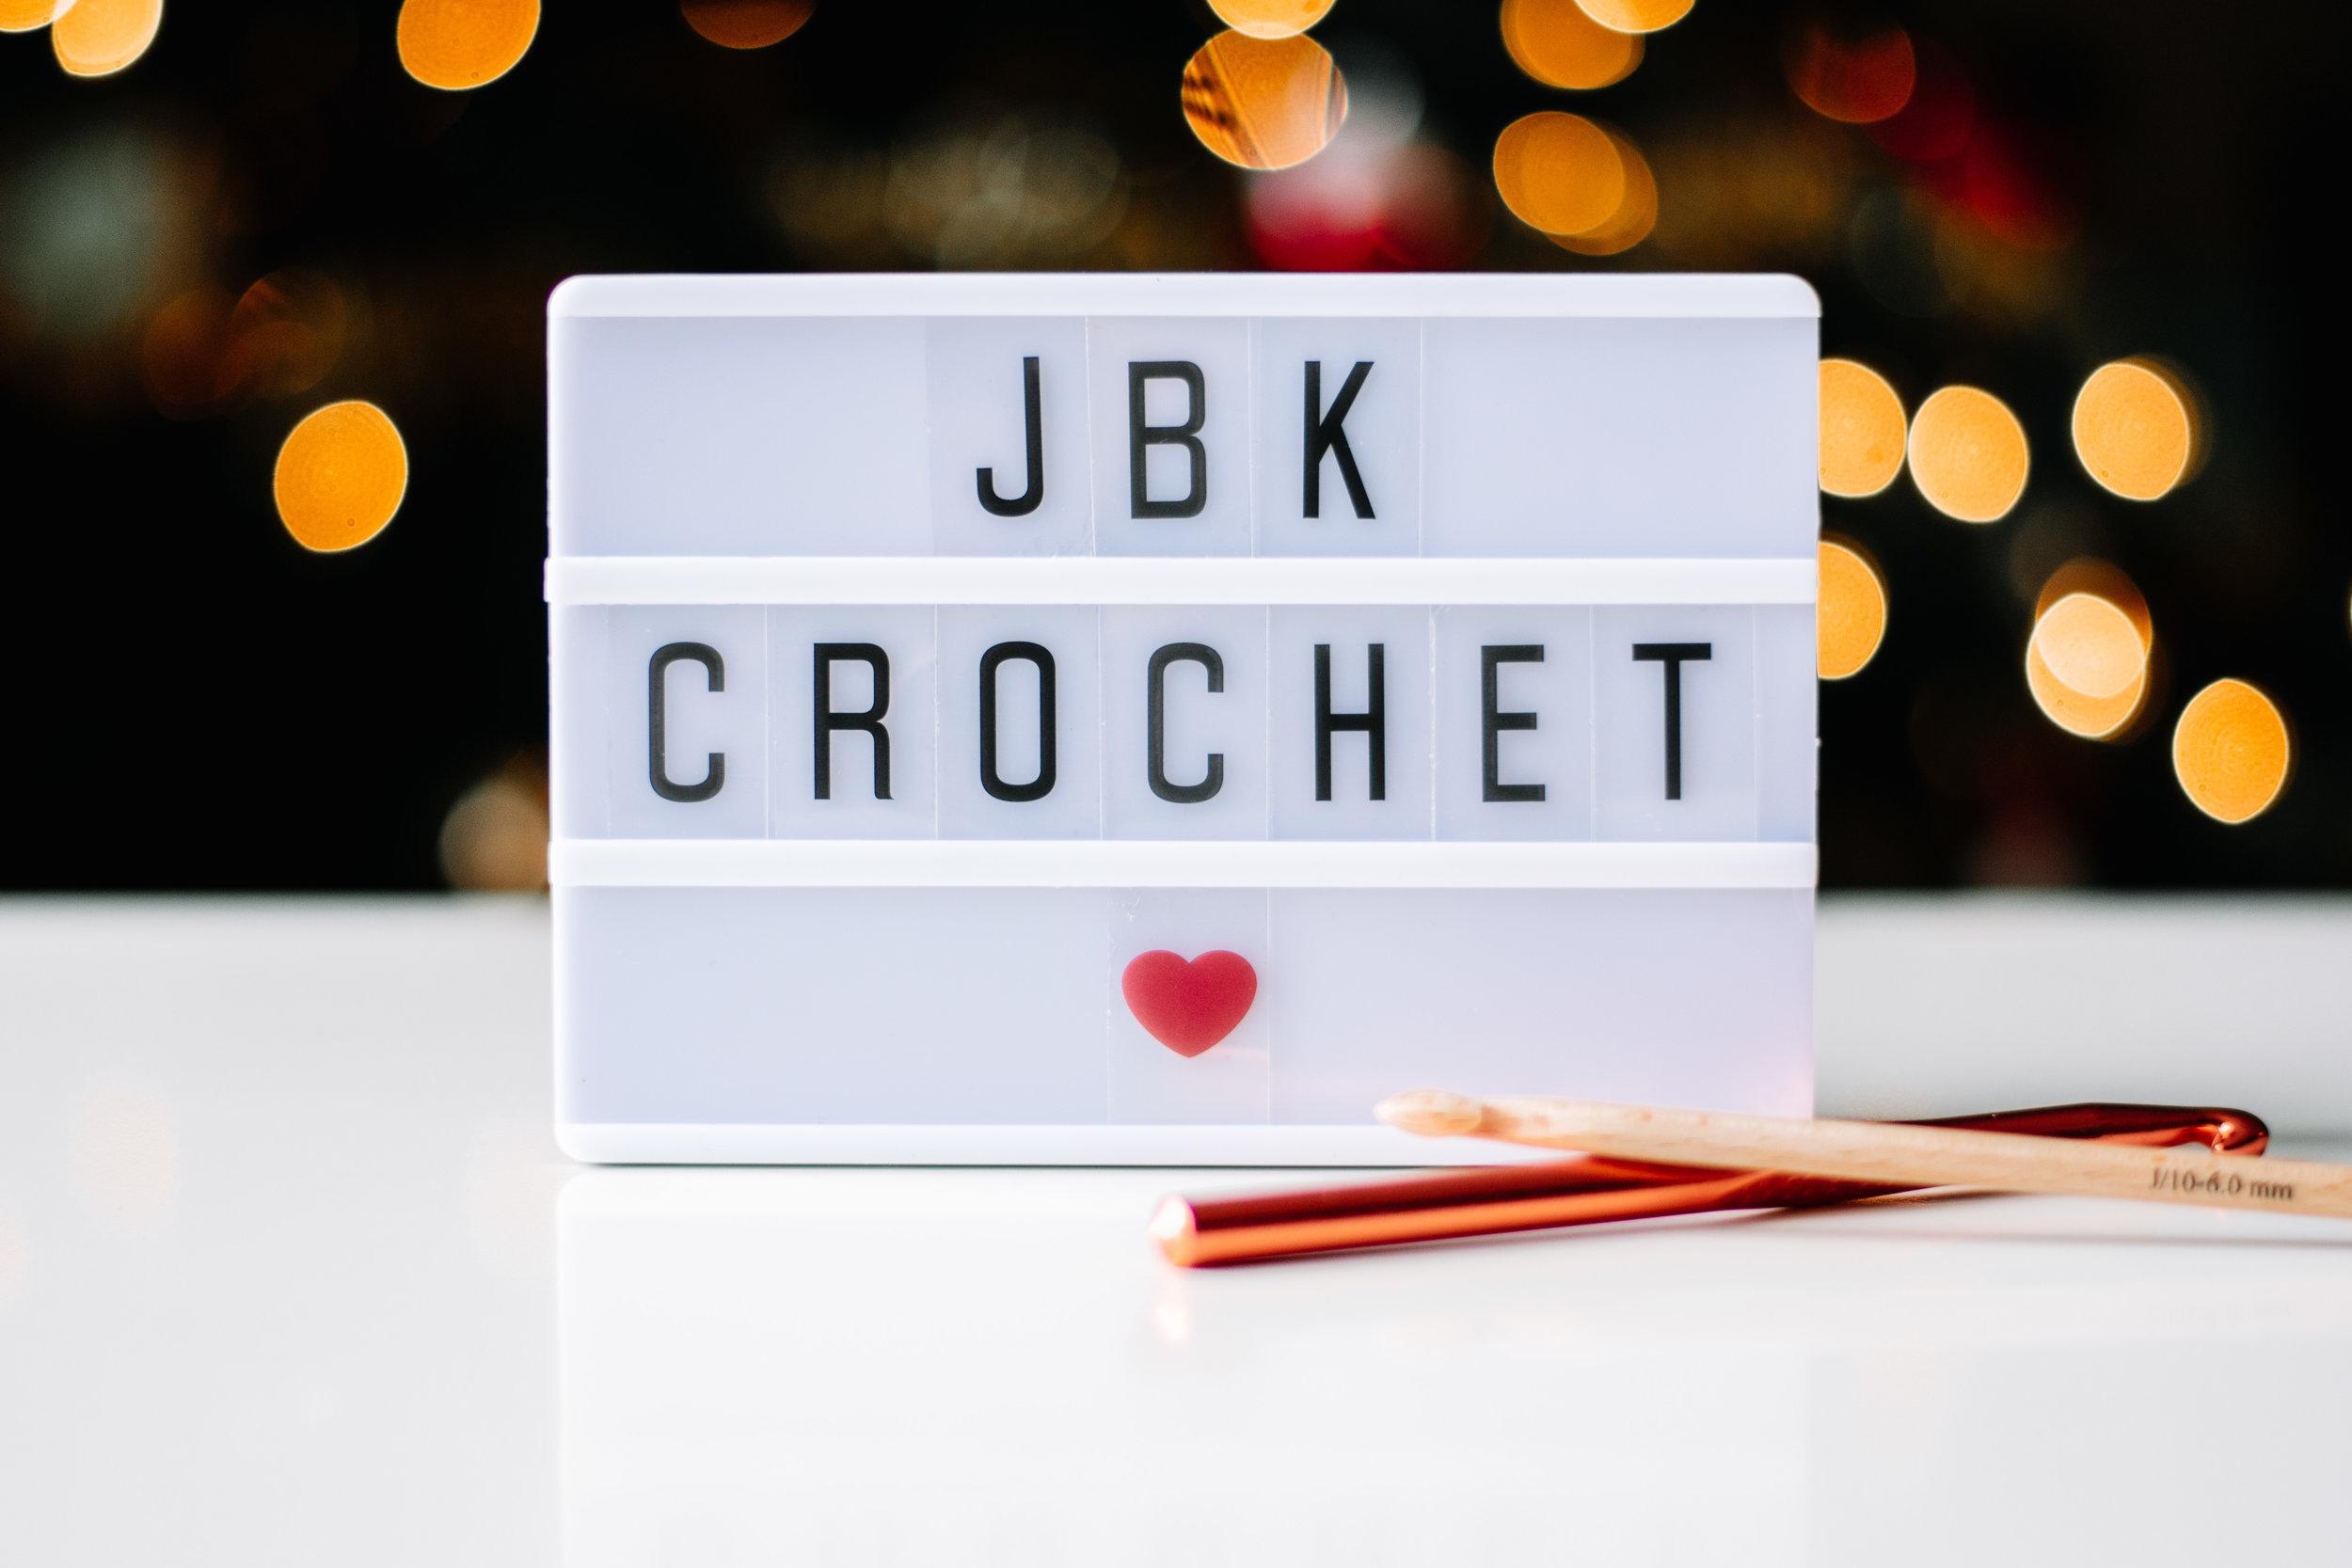 JBK CROCHET